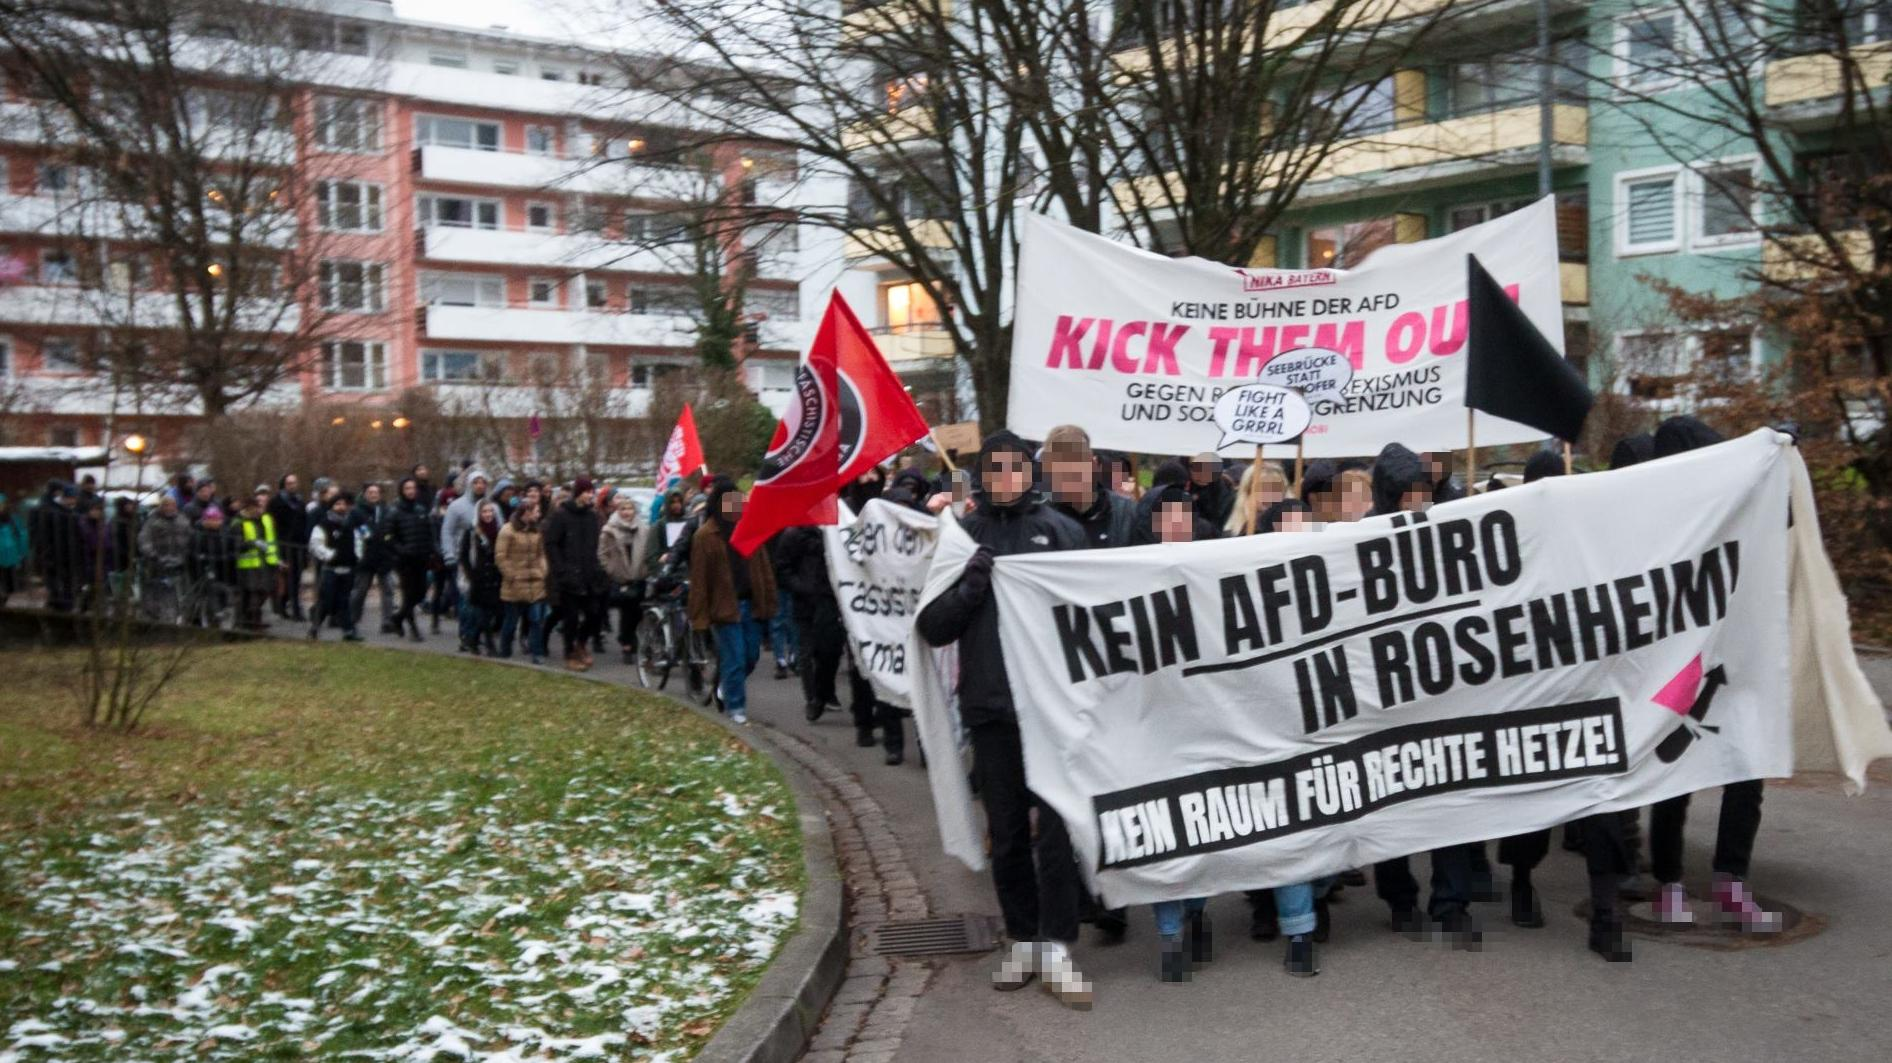 """Demo unter dem Motto """"Gegen Rassismus und Antisemitismus - Für ein buntes, weltoffenes Rosenheim. Weg mit dem AfD-Büro""""."""